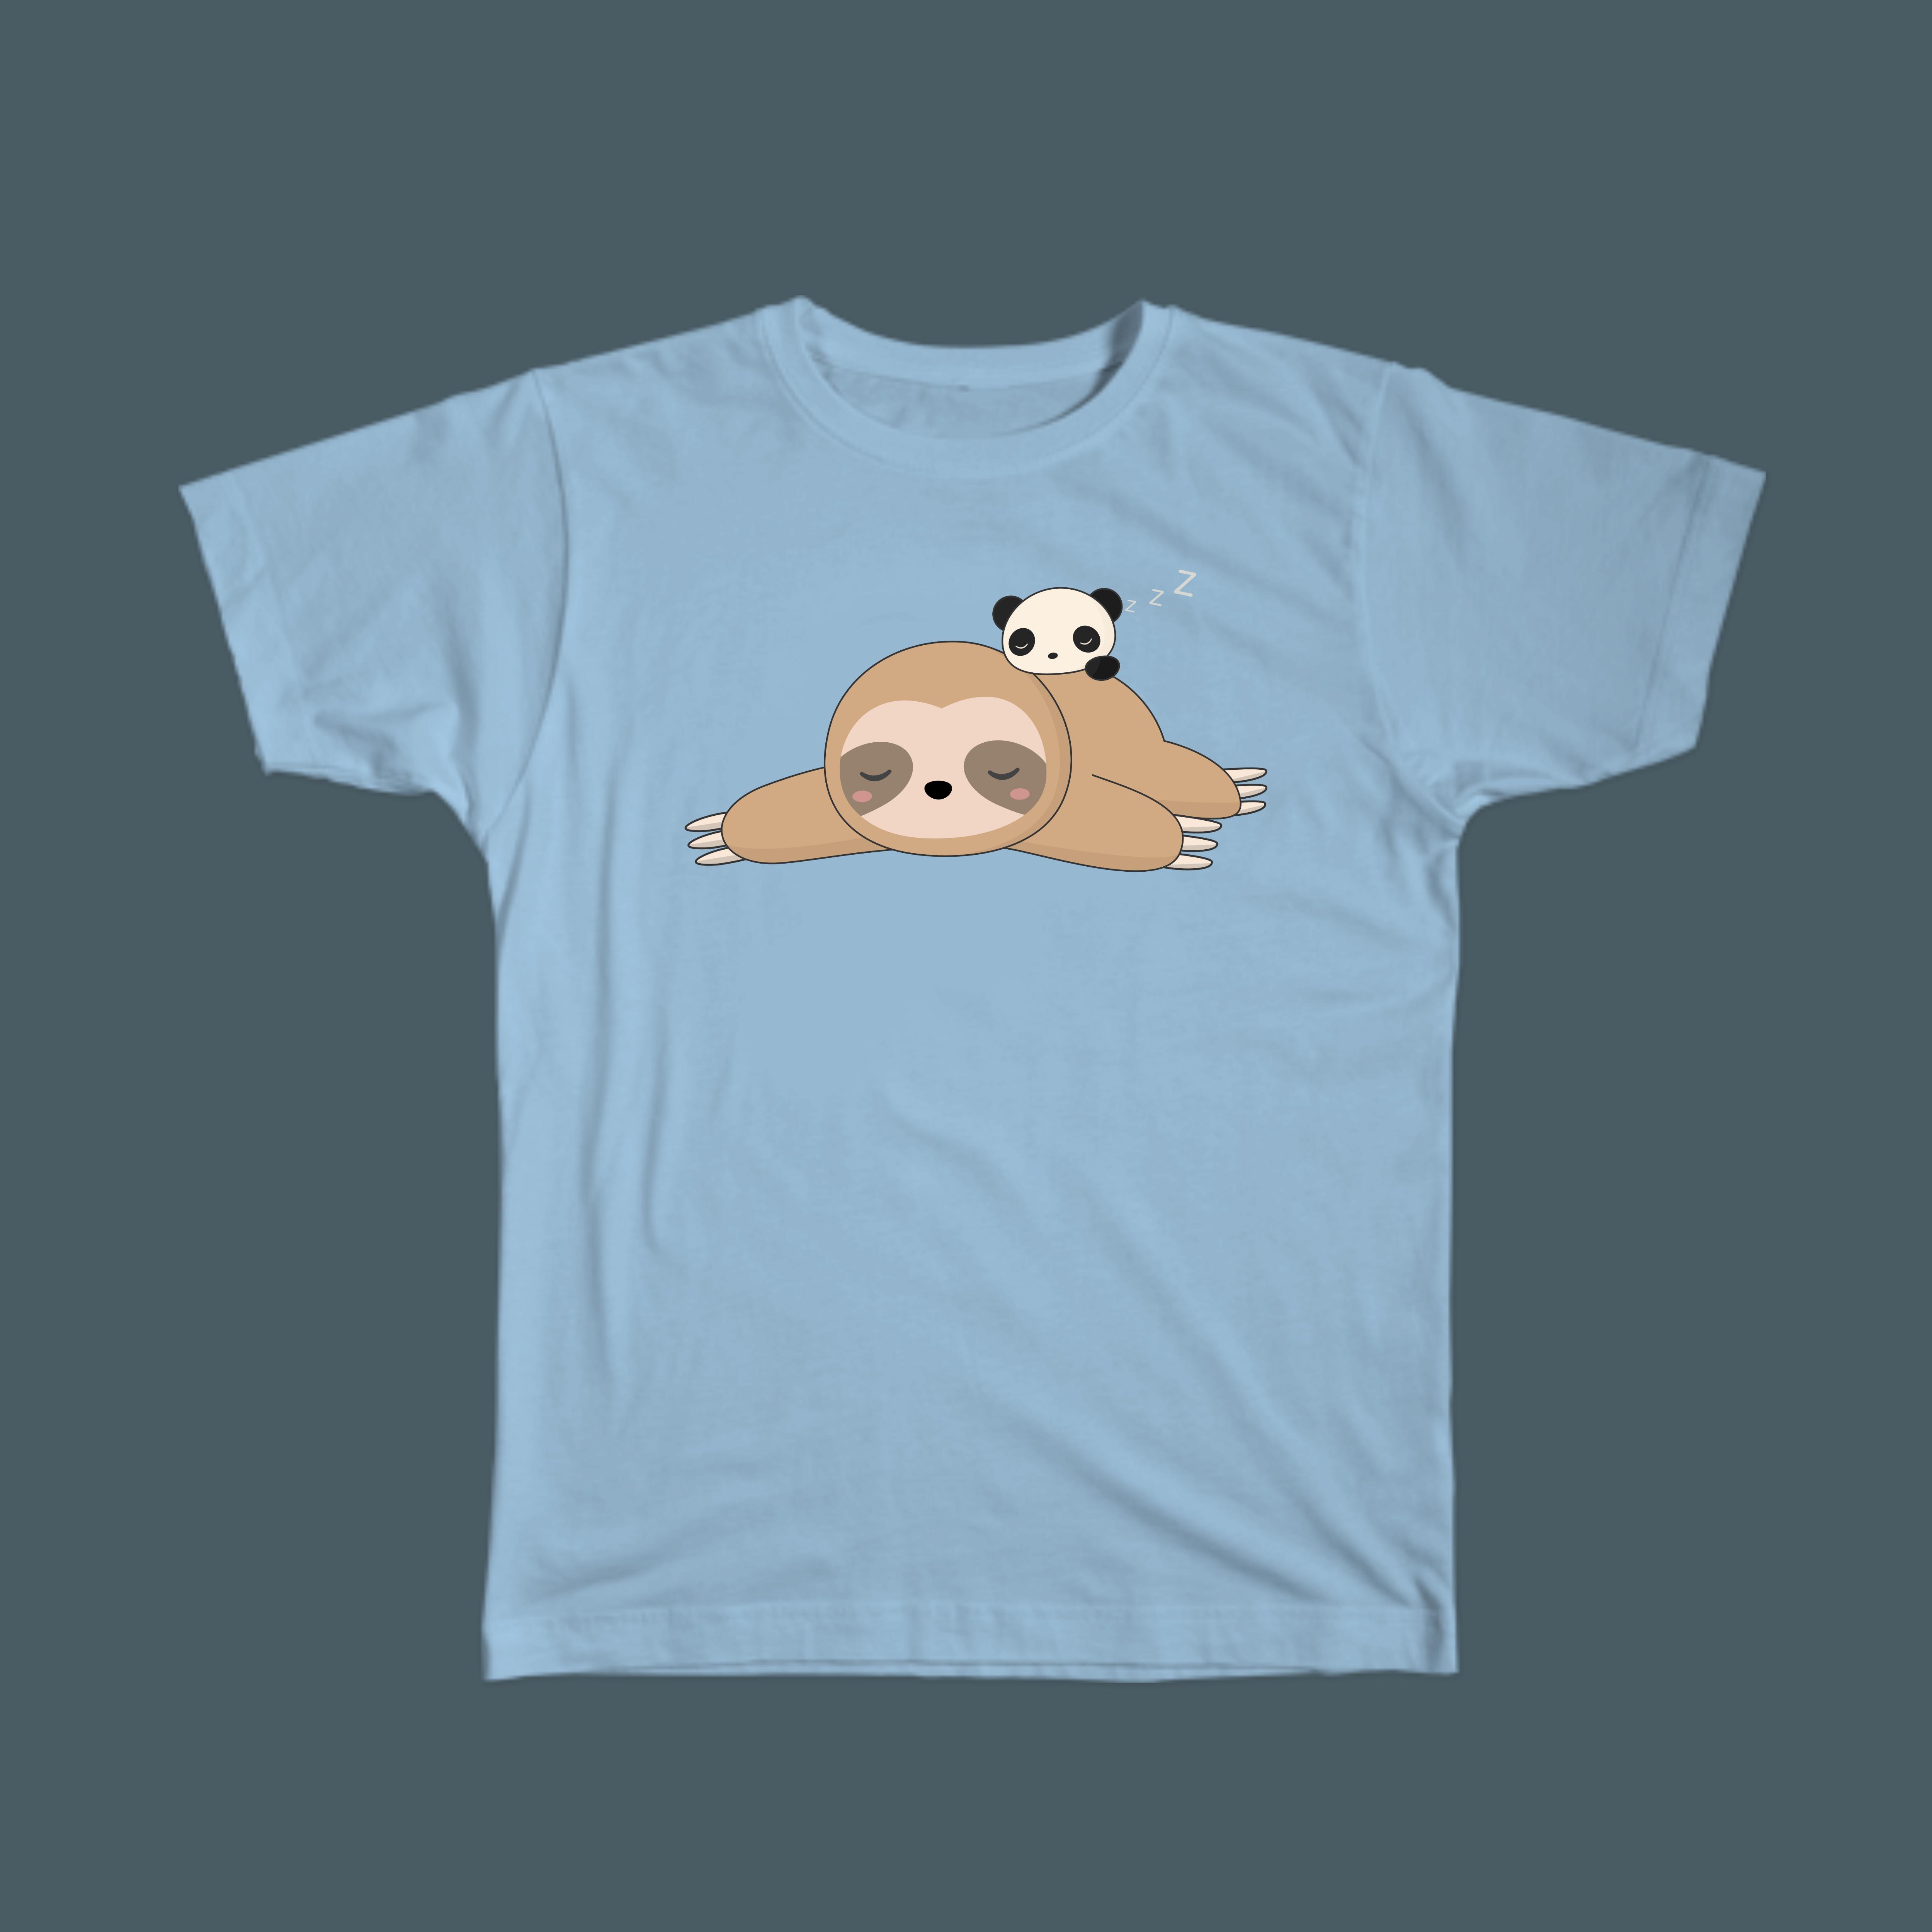 Kawaii cute sloth and panda t-shirt - great for sloth lovers